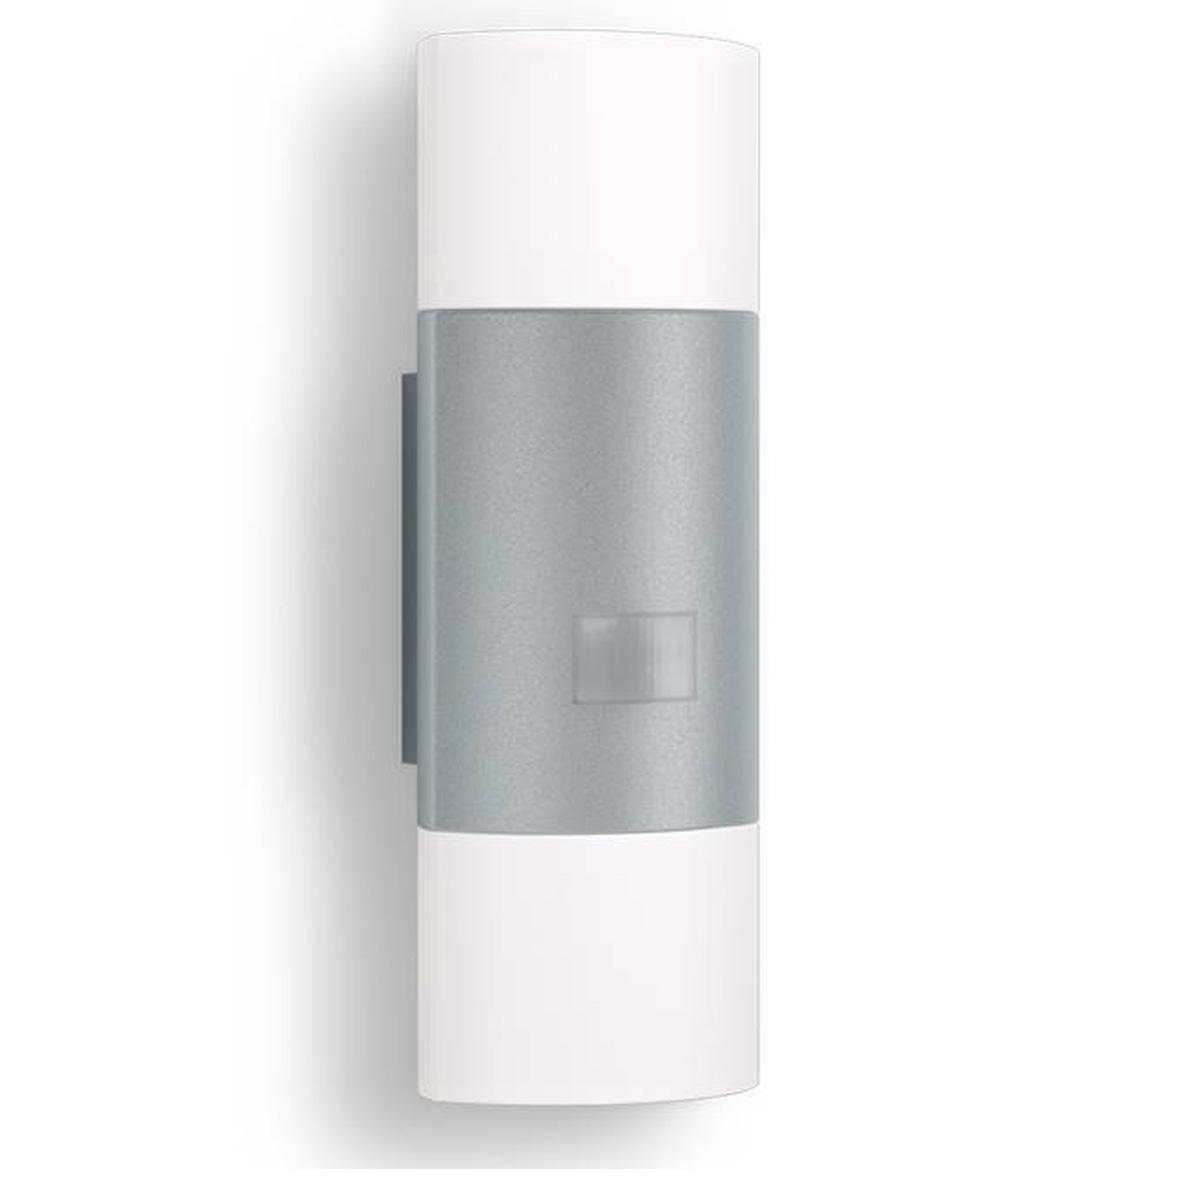 Steinel L910 LED (S576219) - Steinel - Sensorverlichting Modern en Strak